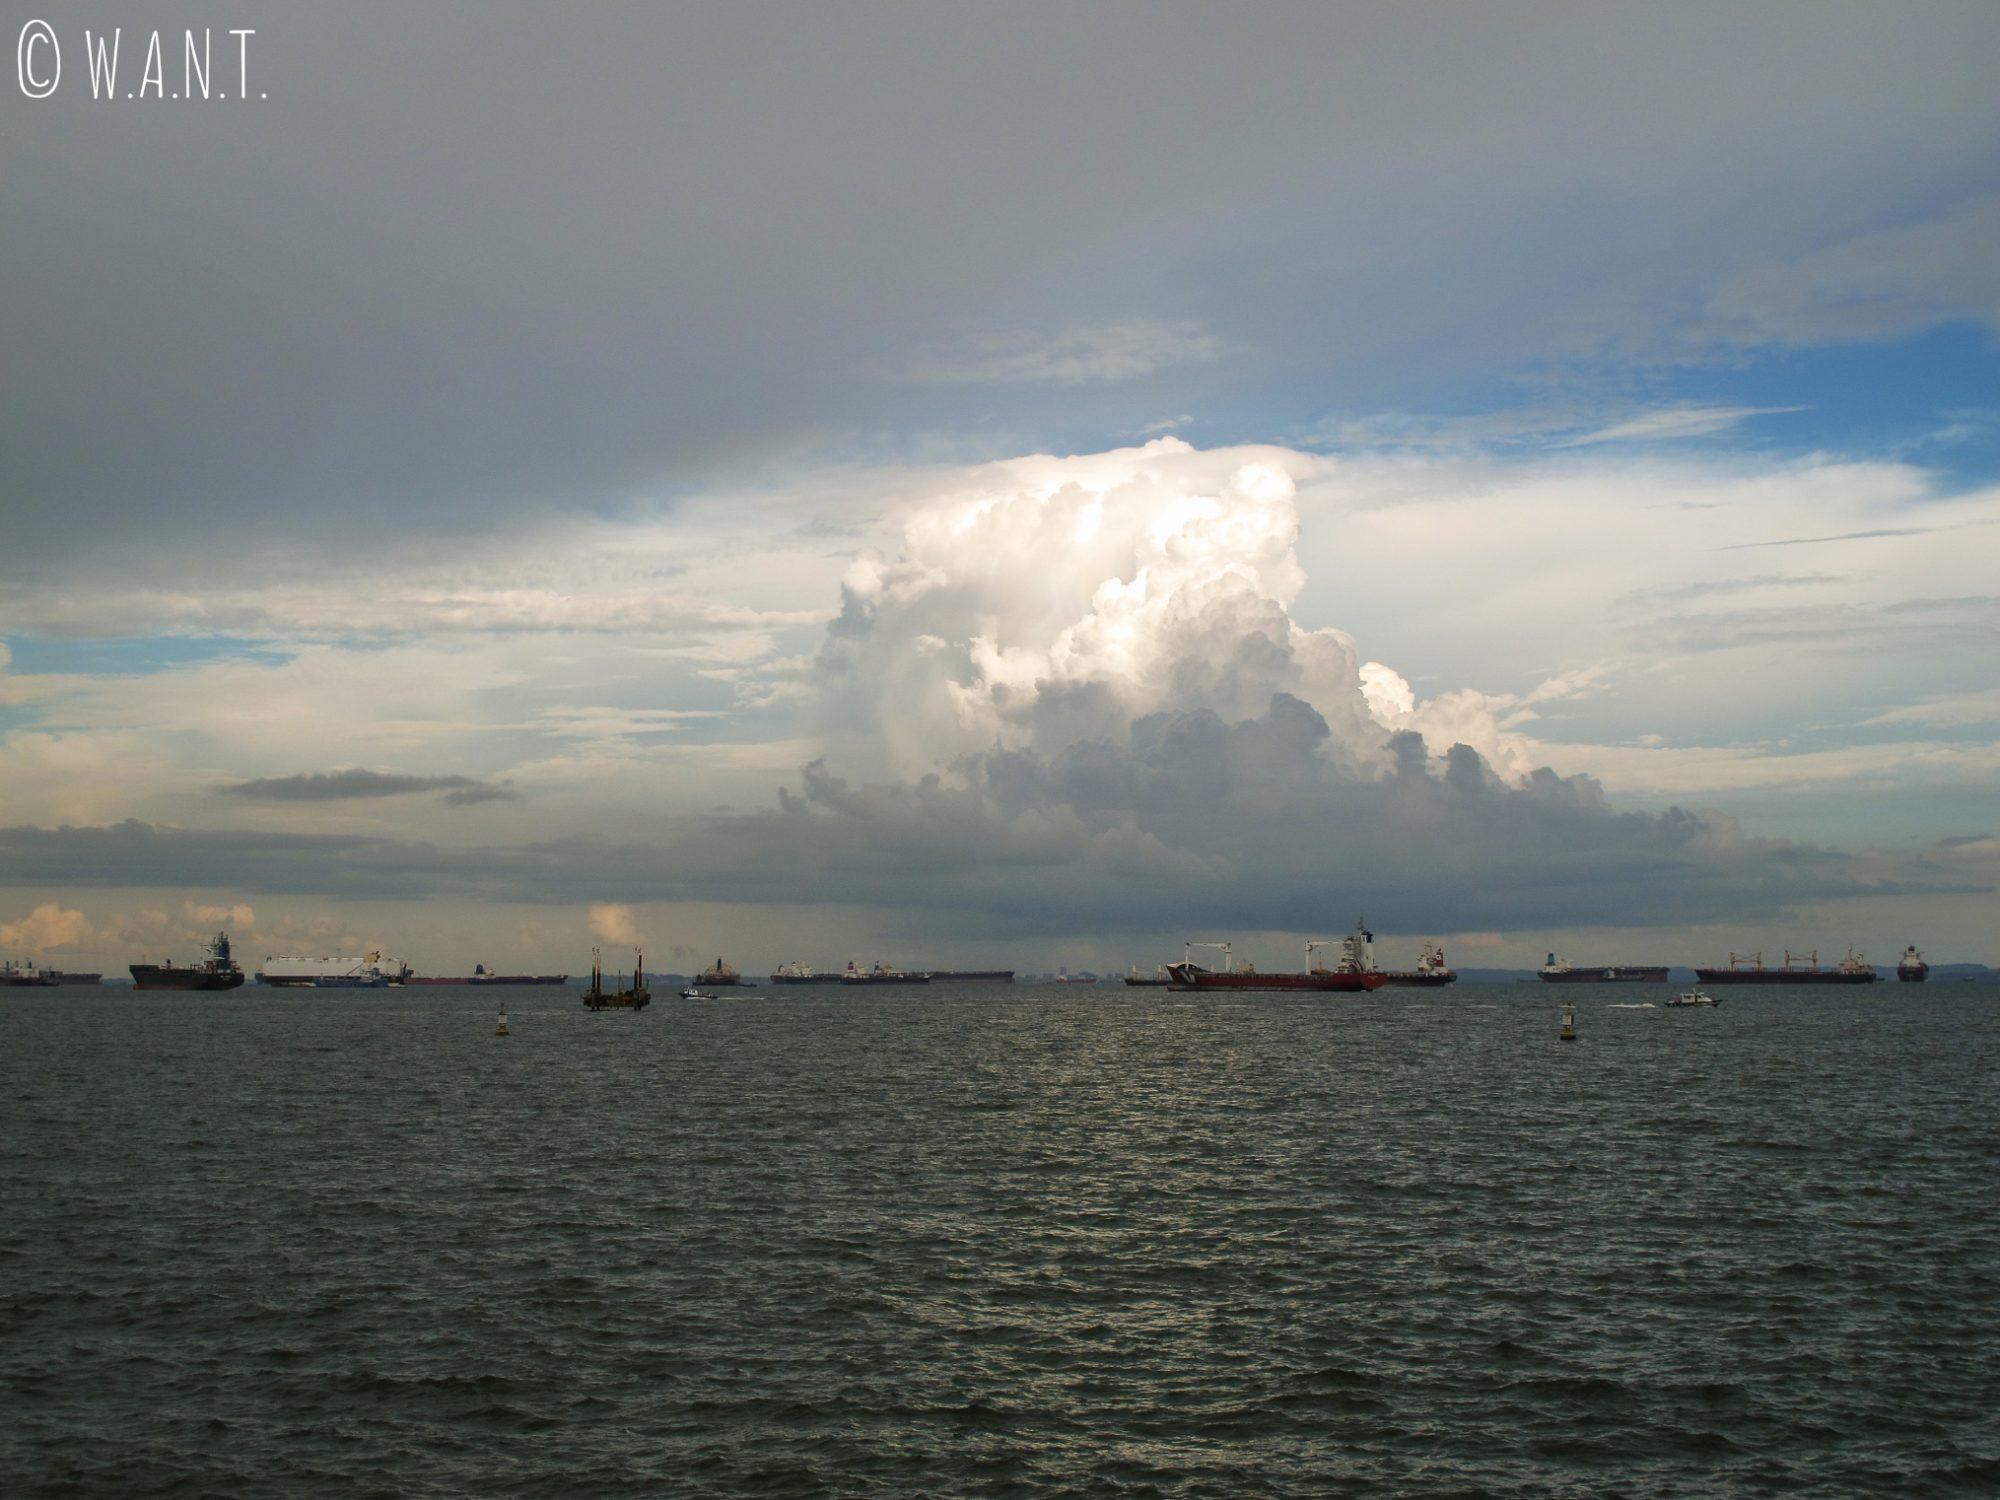 Cargos dans la mer de Chine méridionale, de l'autre côté du barrage de Singapour